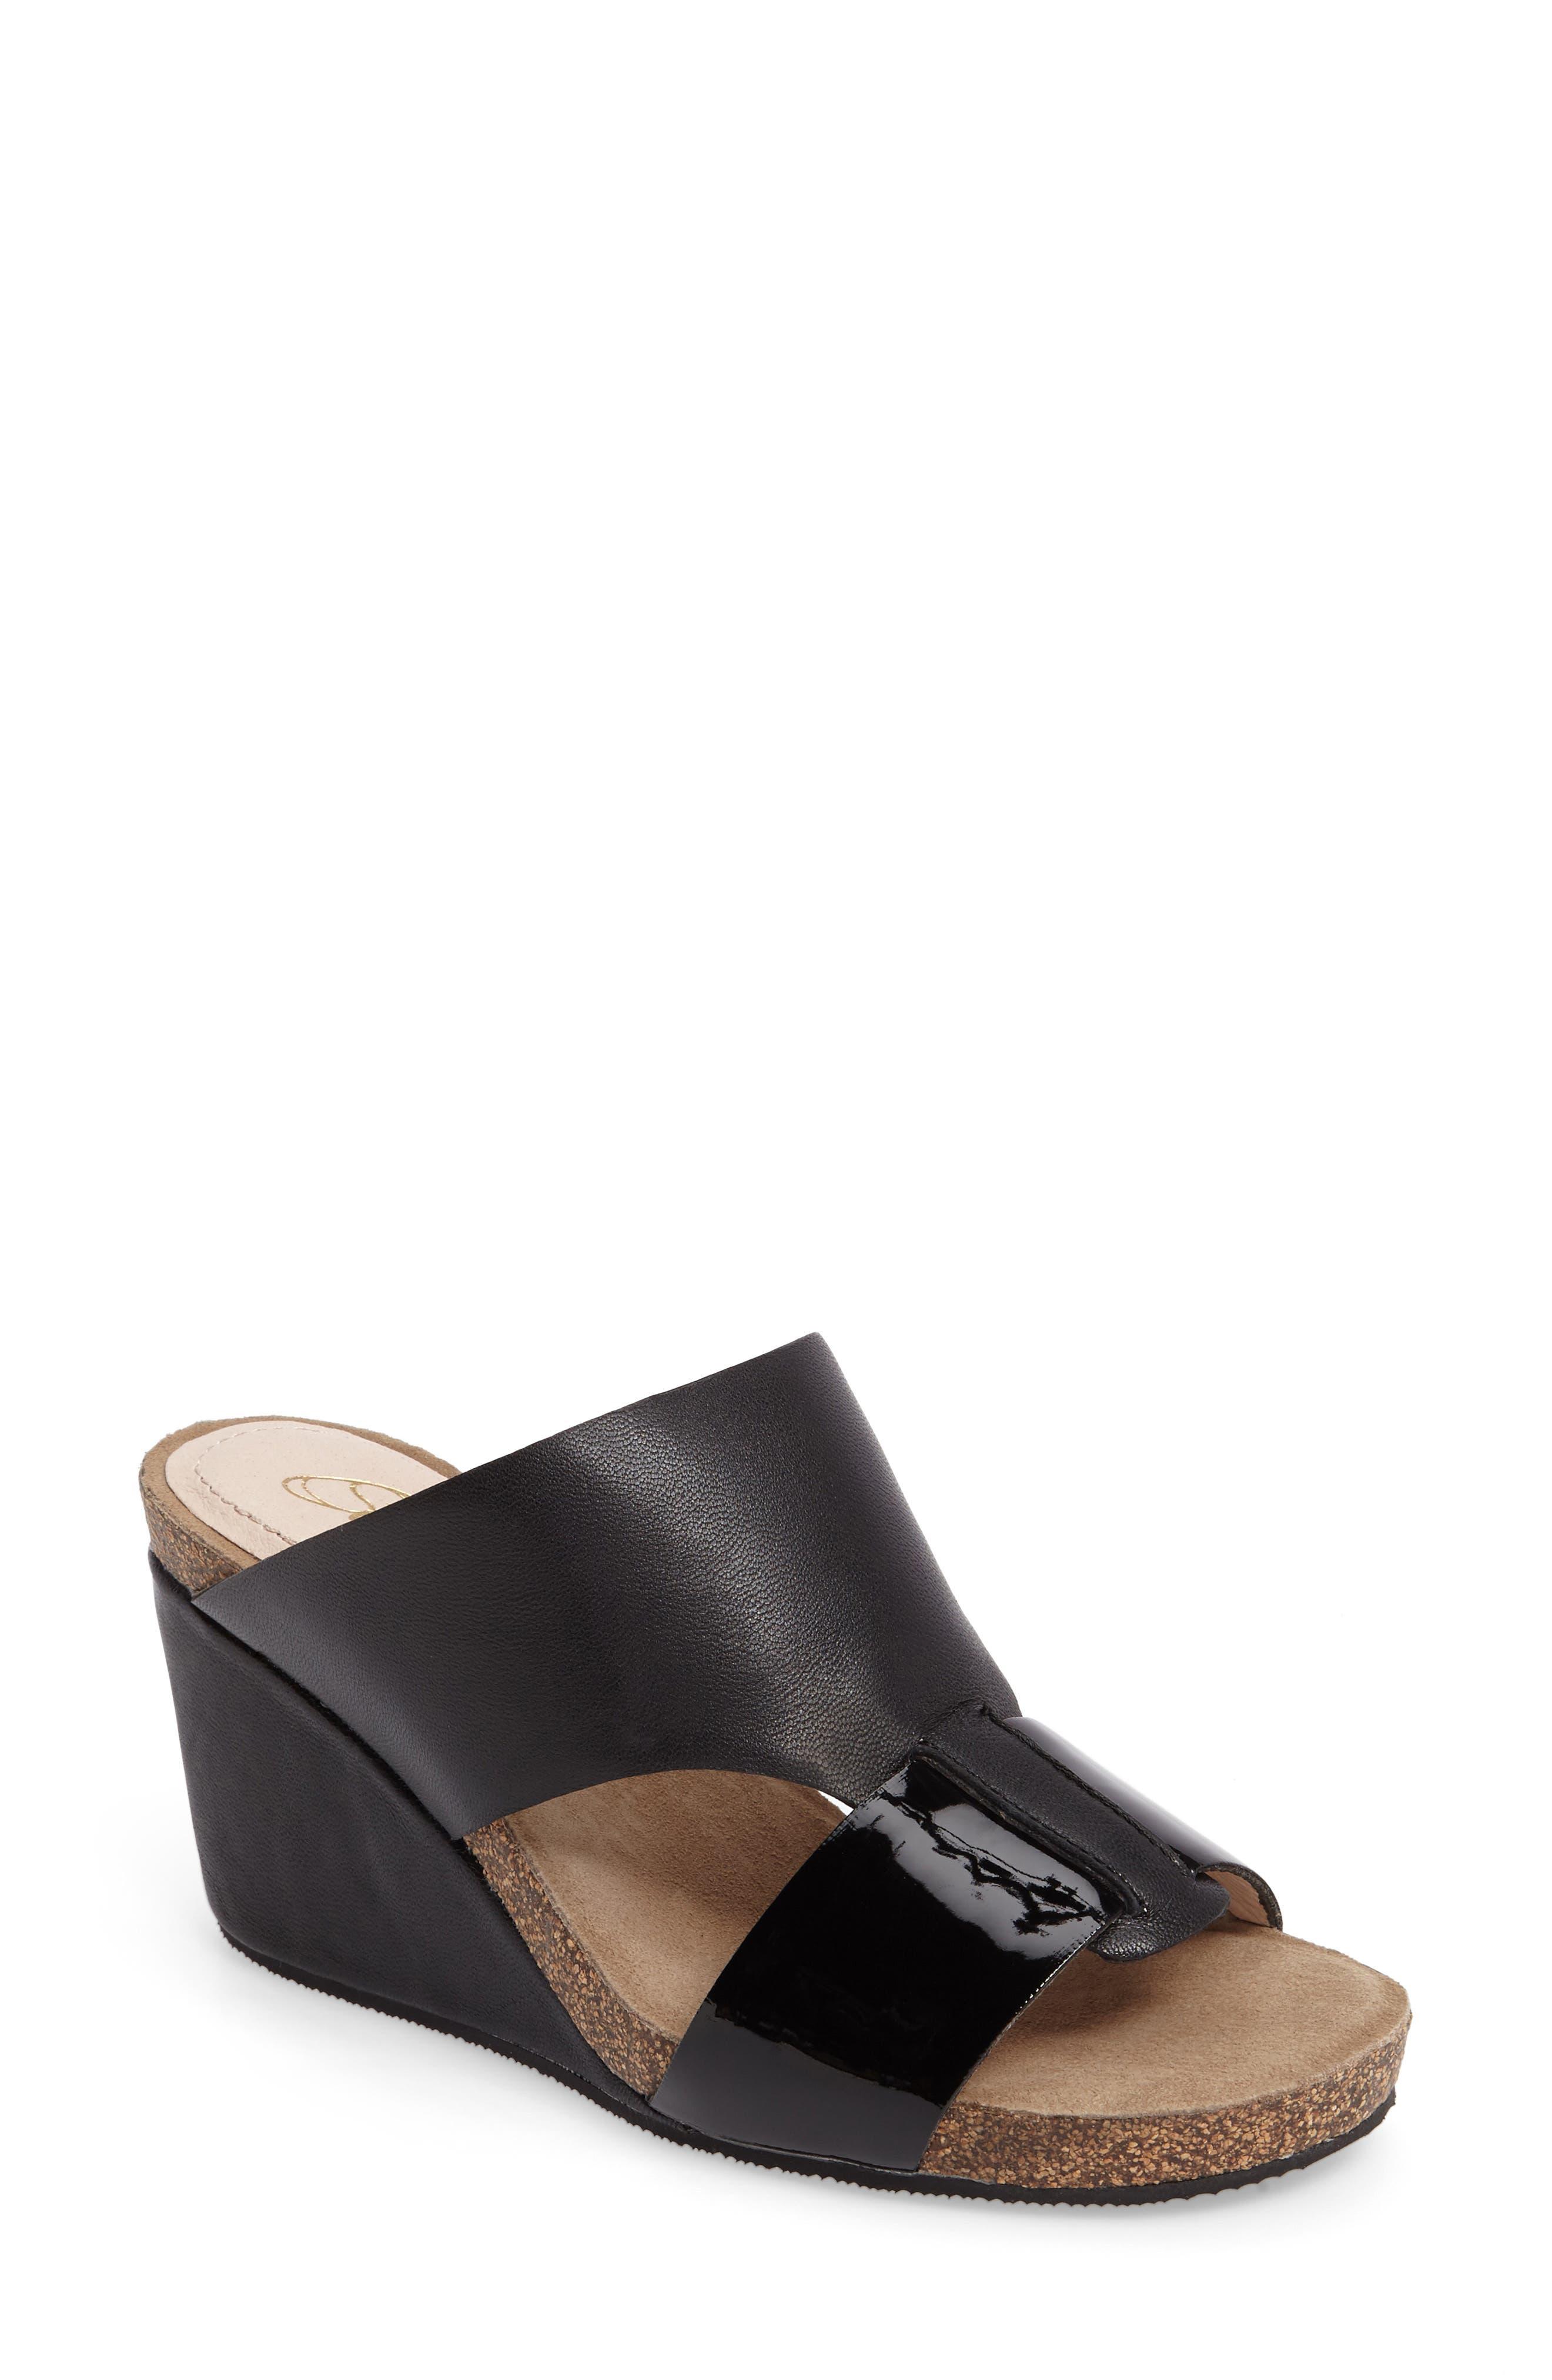 Berta Wedge Sandal,                         Main,                         color, Black Leather